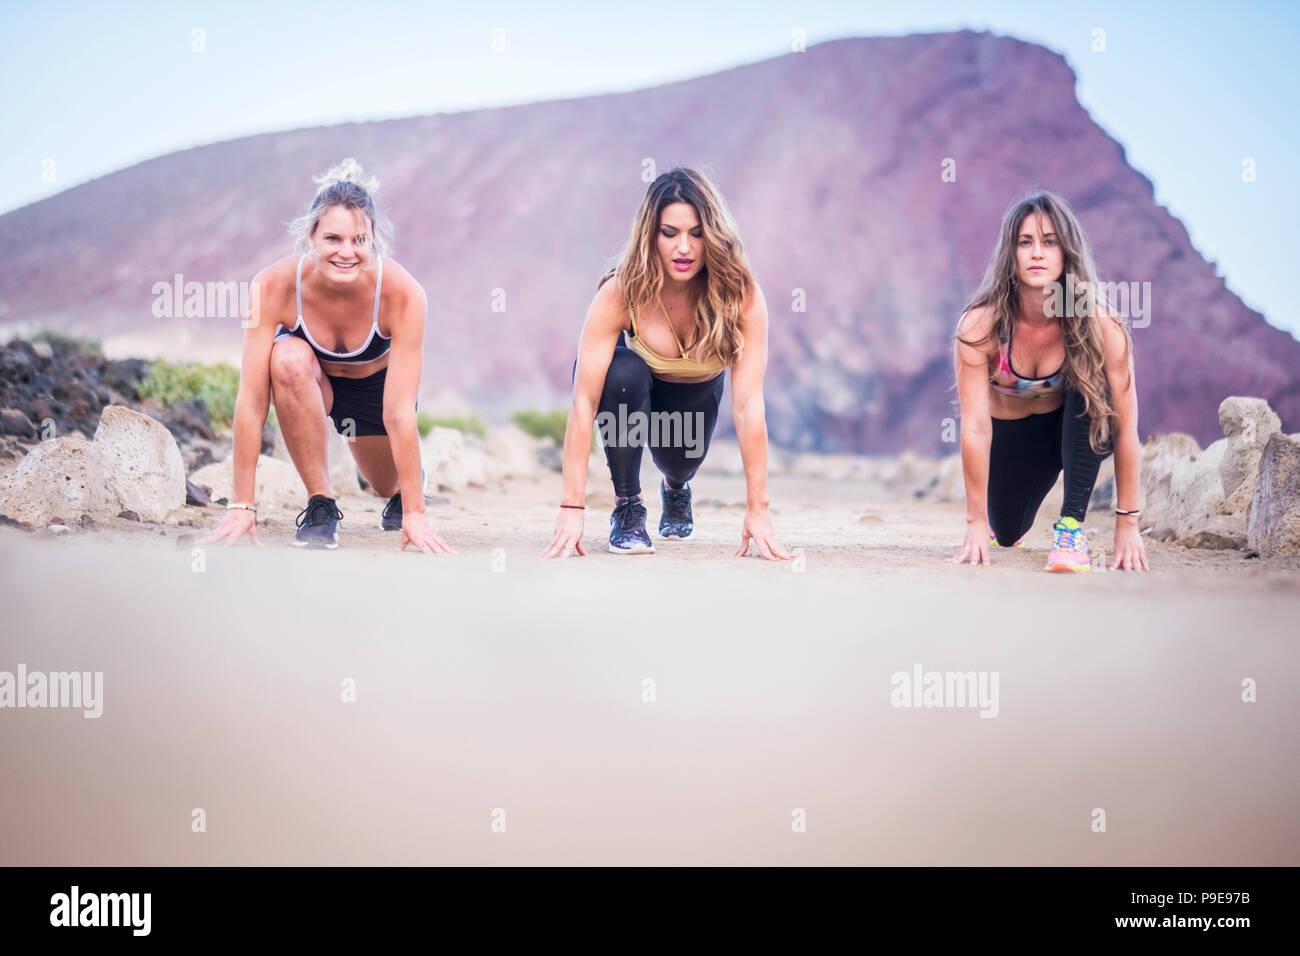 Trois belles jeunes filles coureur prêt à démarrer et exécuter des activités de plein air et de remise en forme d'entraînement. construire votre nouveau corps fort et près de la plage Photo Stock